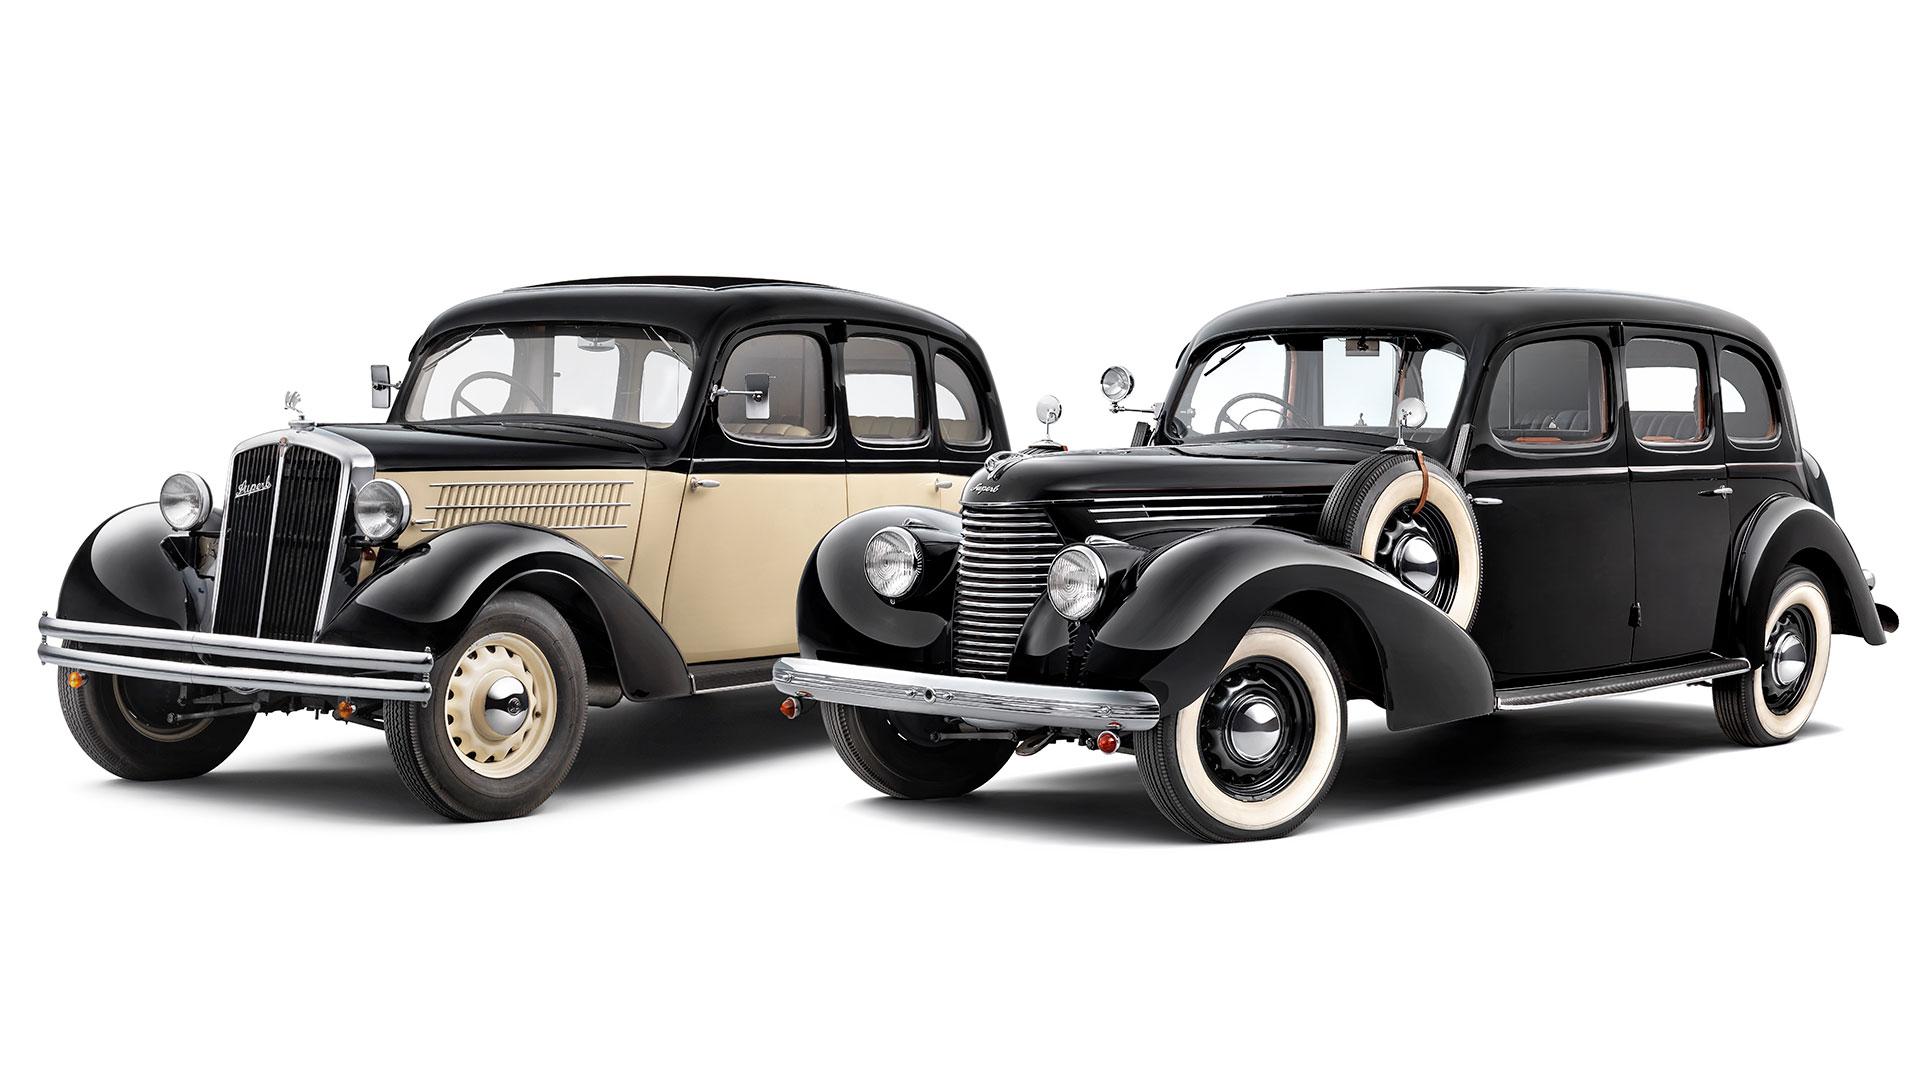 Škoda Superb 640 z roku 1935 a Škoda Superb 3000 OHV z roku 1939. © Škoda Auto